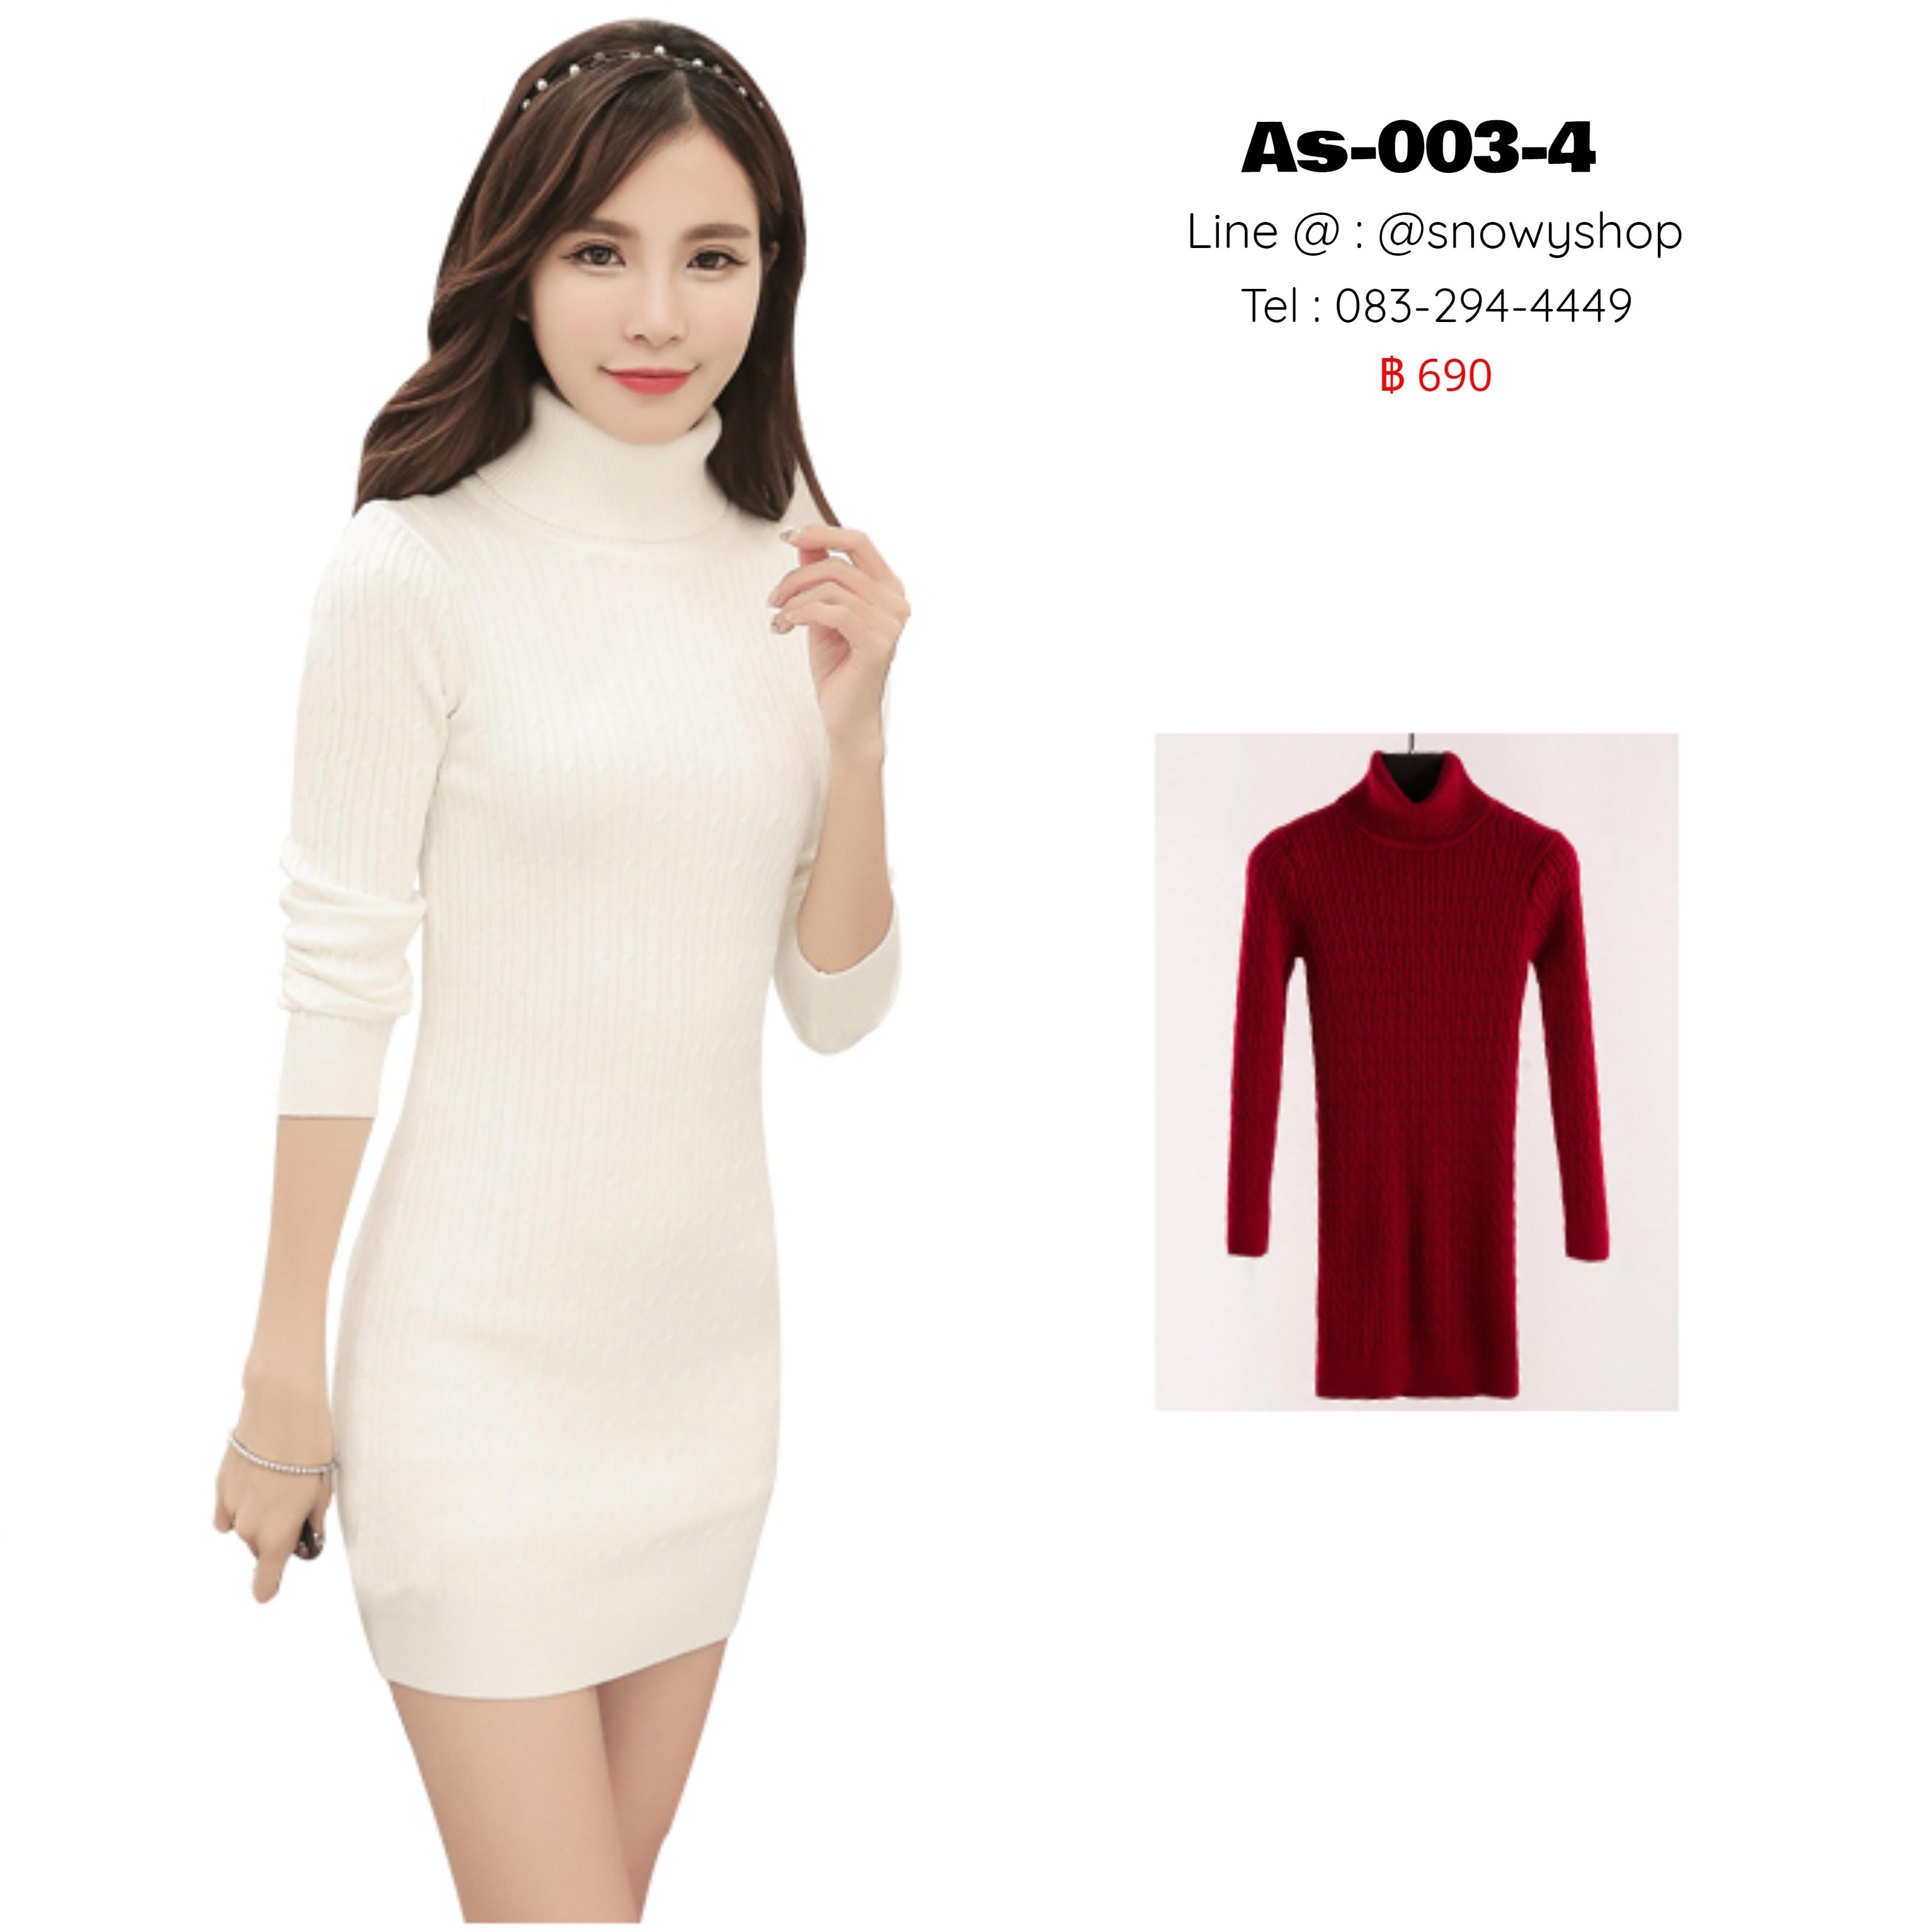 [พร้อมส่ง F] [As-003-4] เดรสไหมพรมสีแดงคอเต่า ไหมพรมักลายสวย เป็นเดรสสั้นใส่กันหนาวสวยมากคะ